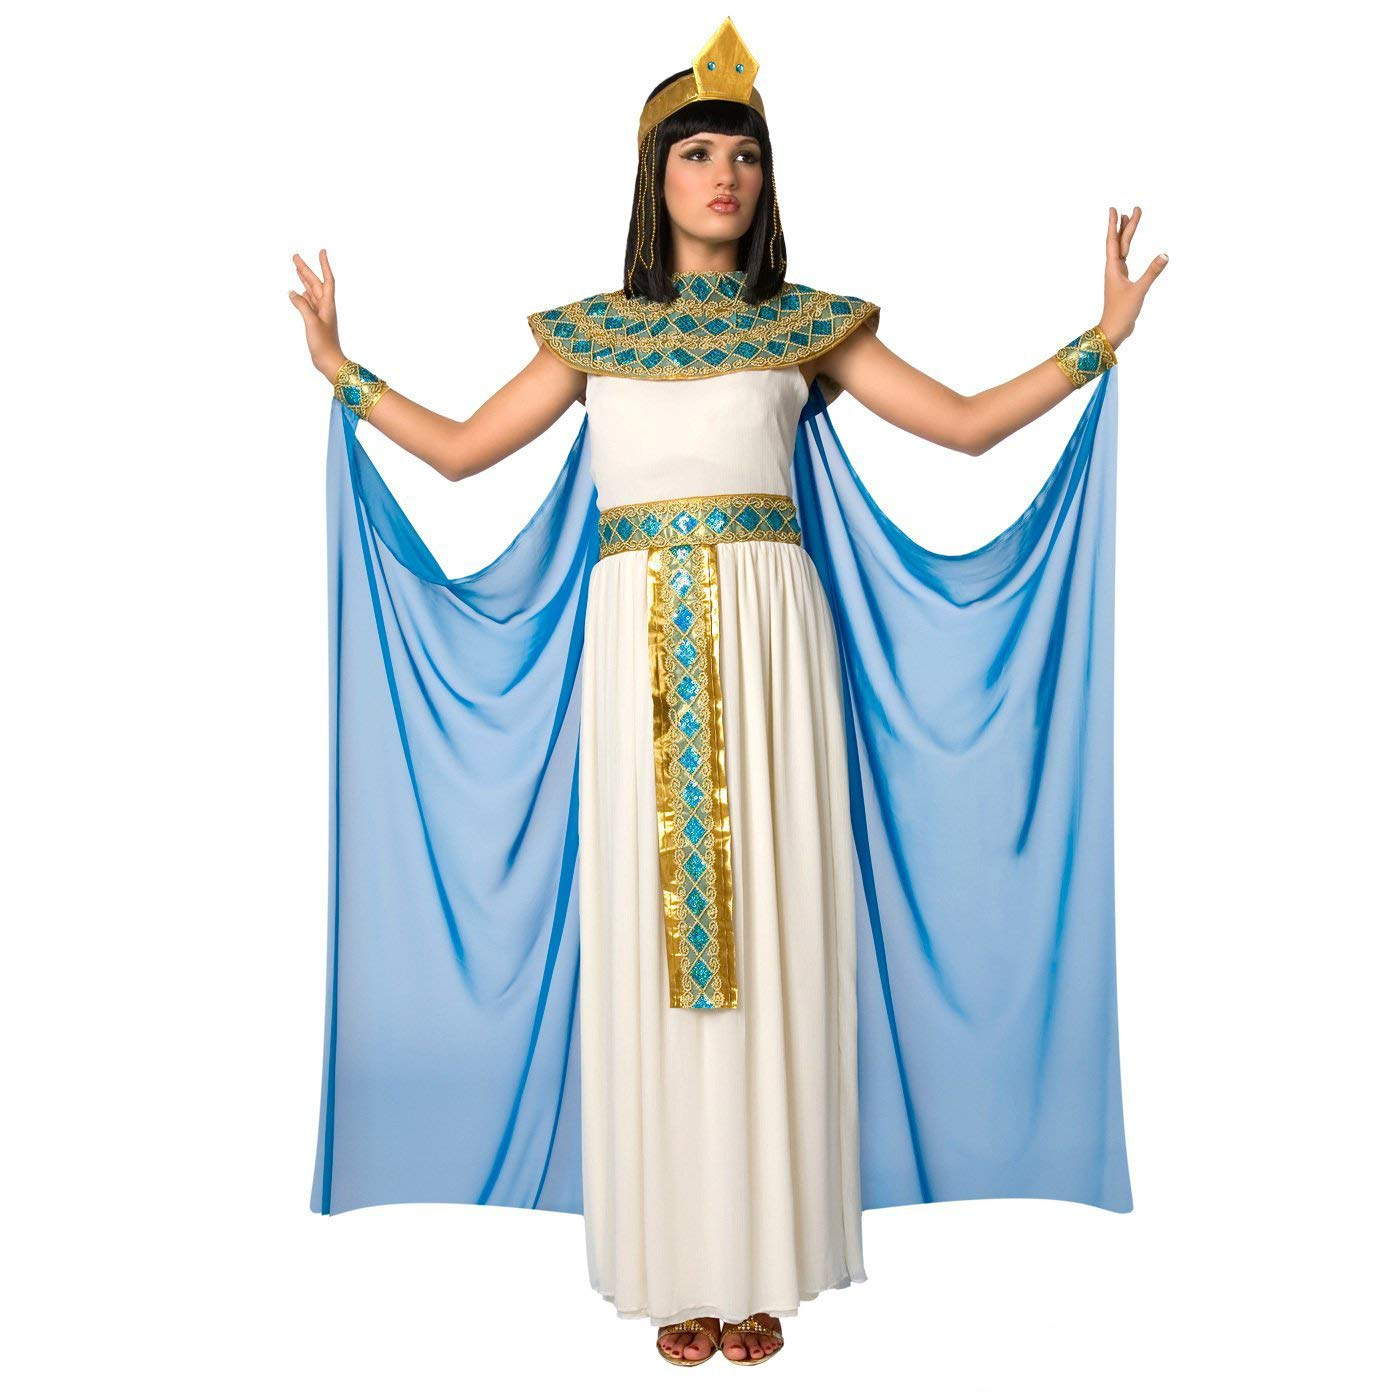 Costume di Cleopatra, la Regina egiziana del Nilo Carnevale - Medio